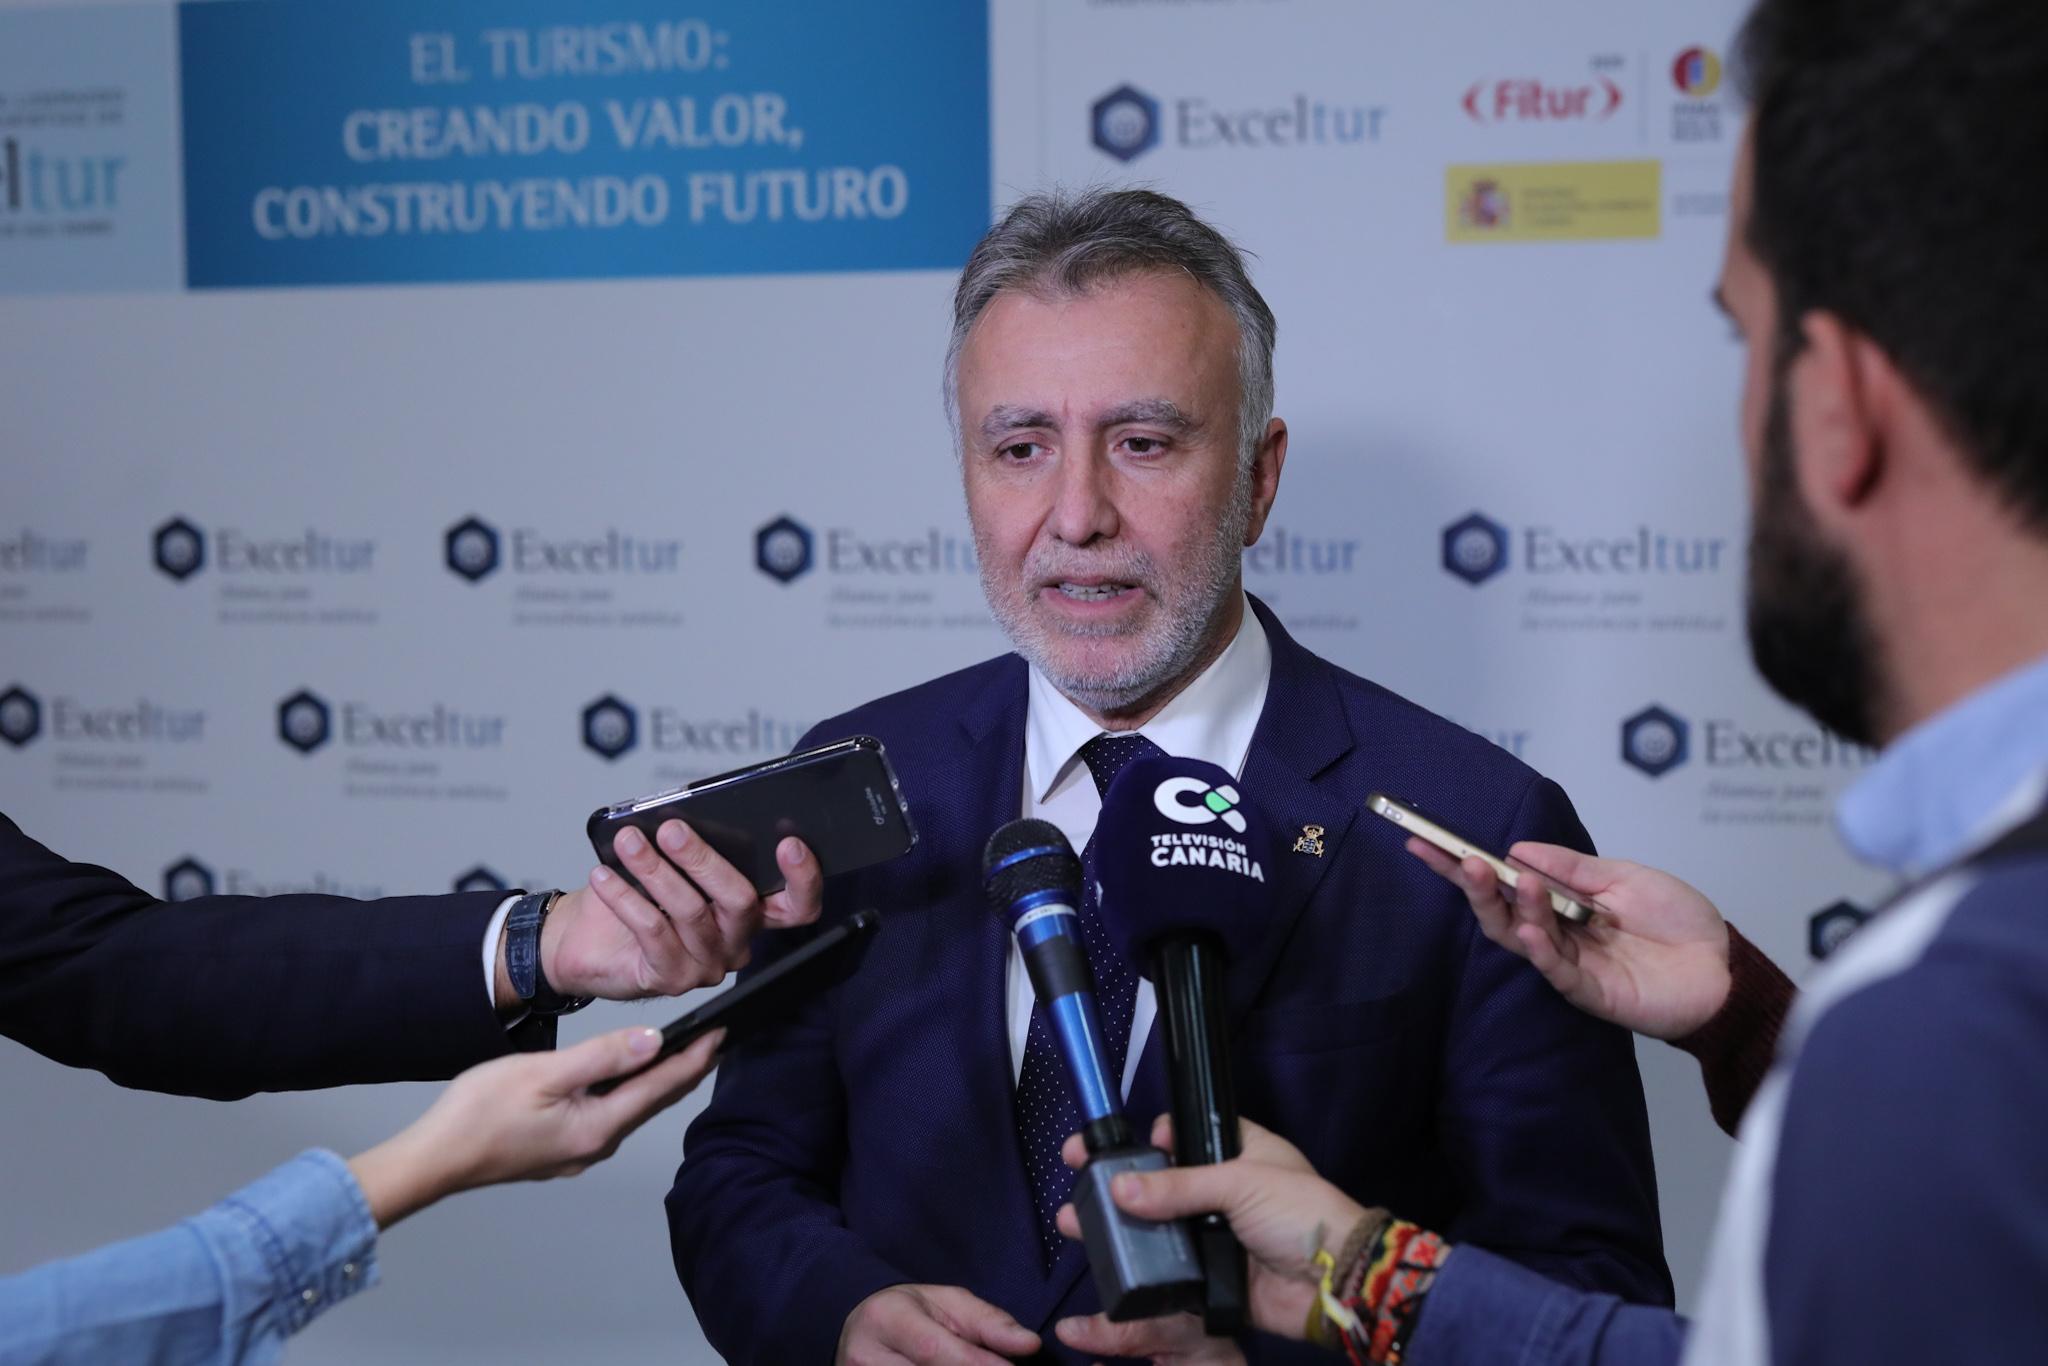 Ángel Víctor Torres atiende a los medios de comunicación